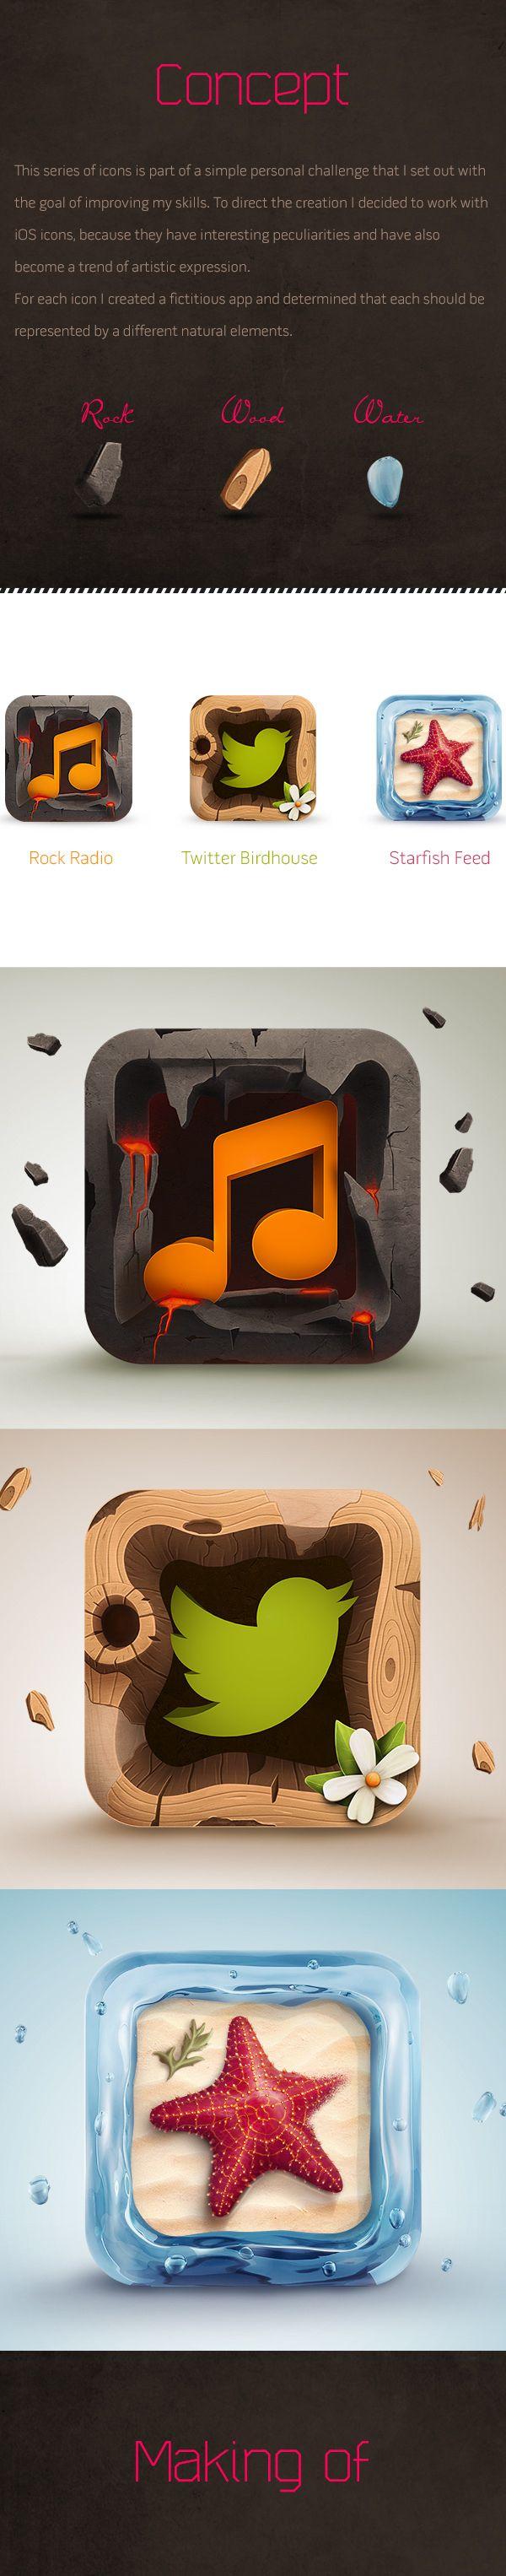 iOS Icons by Rodrigo Bellão, via Behance